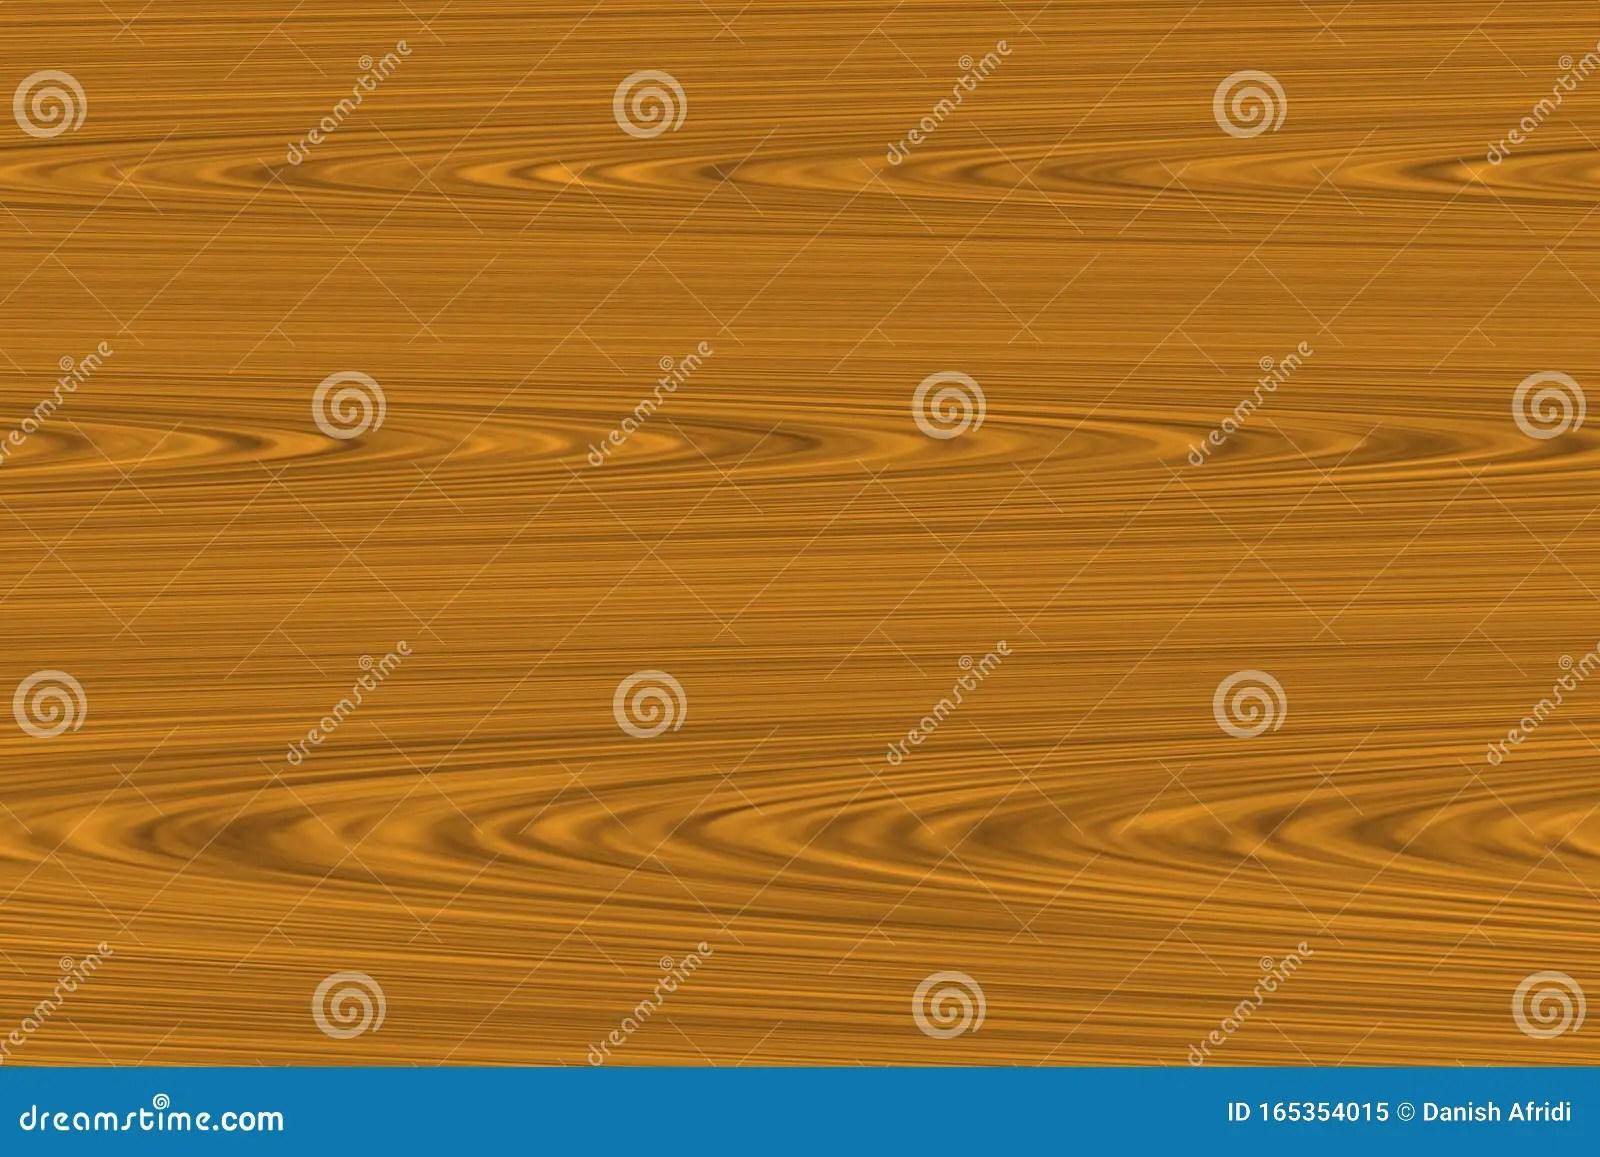 papier peint et fond d ecran en bois